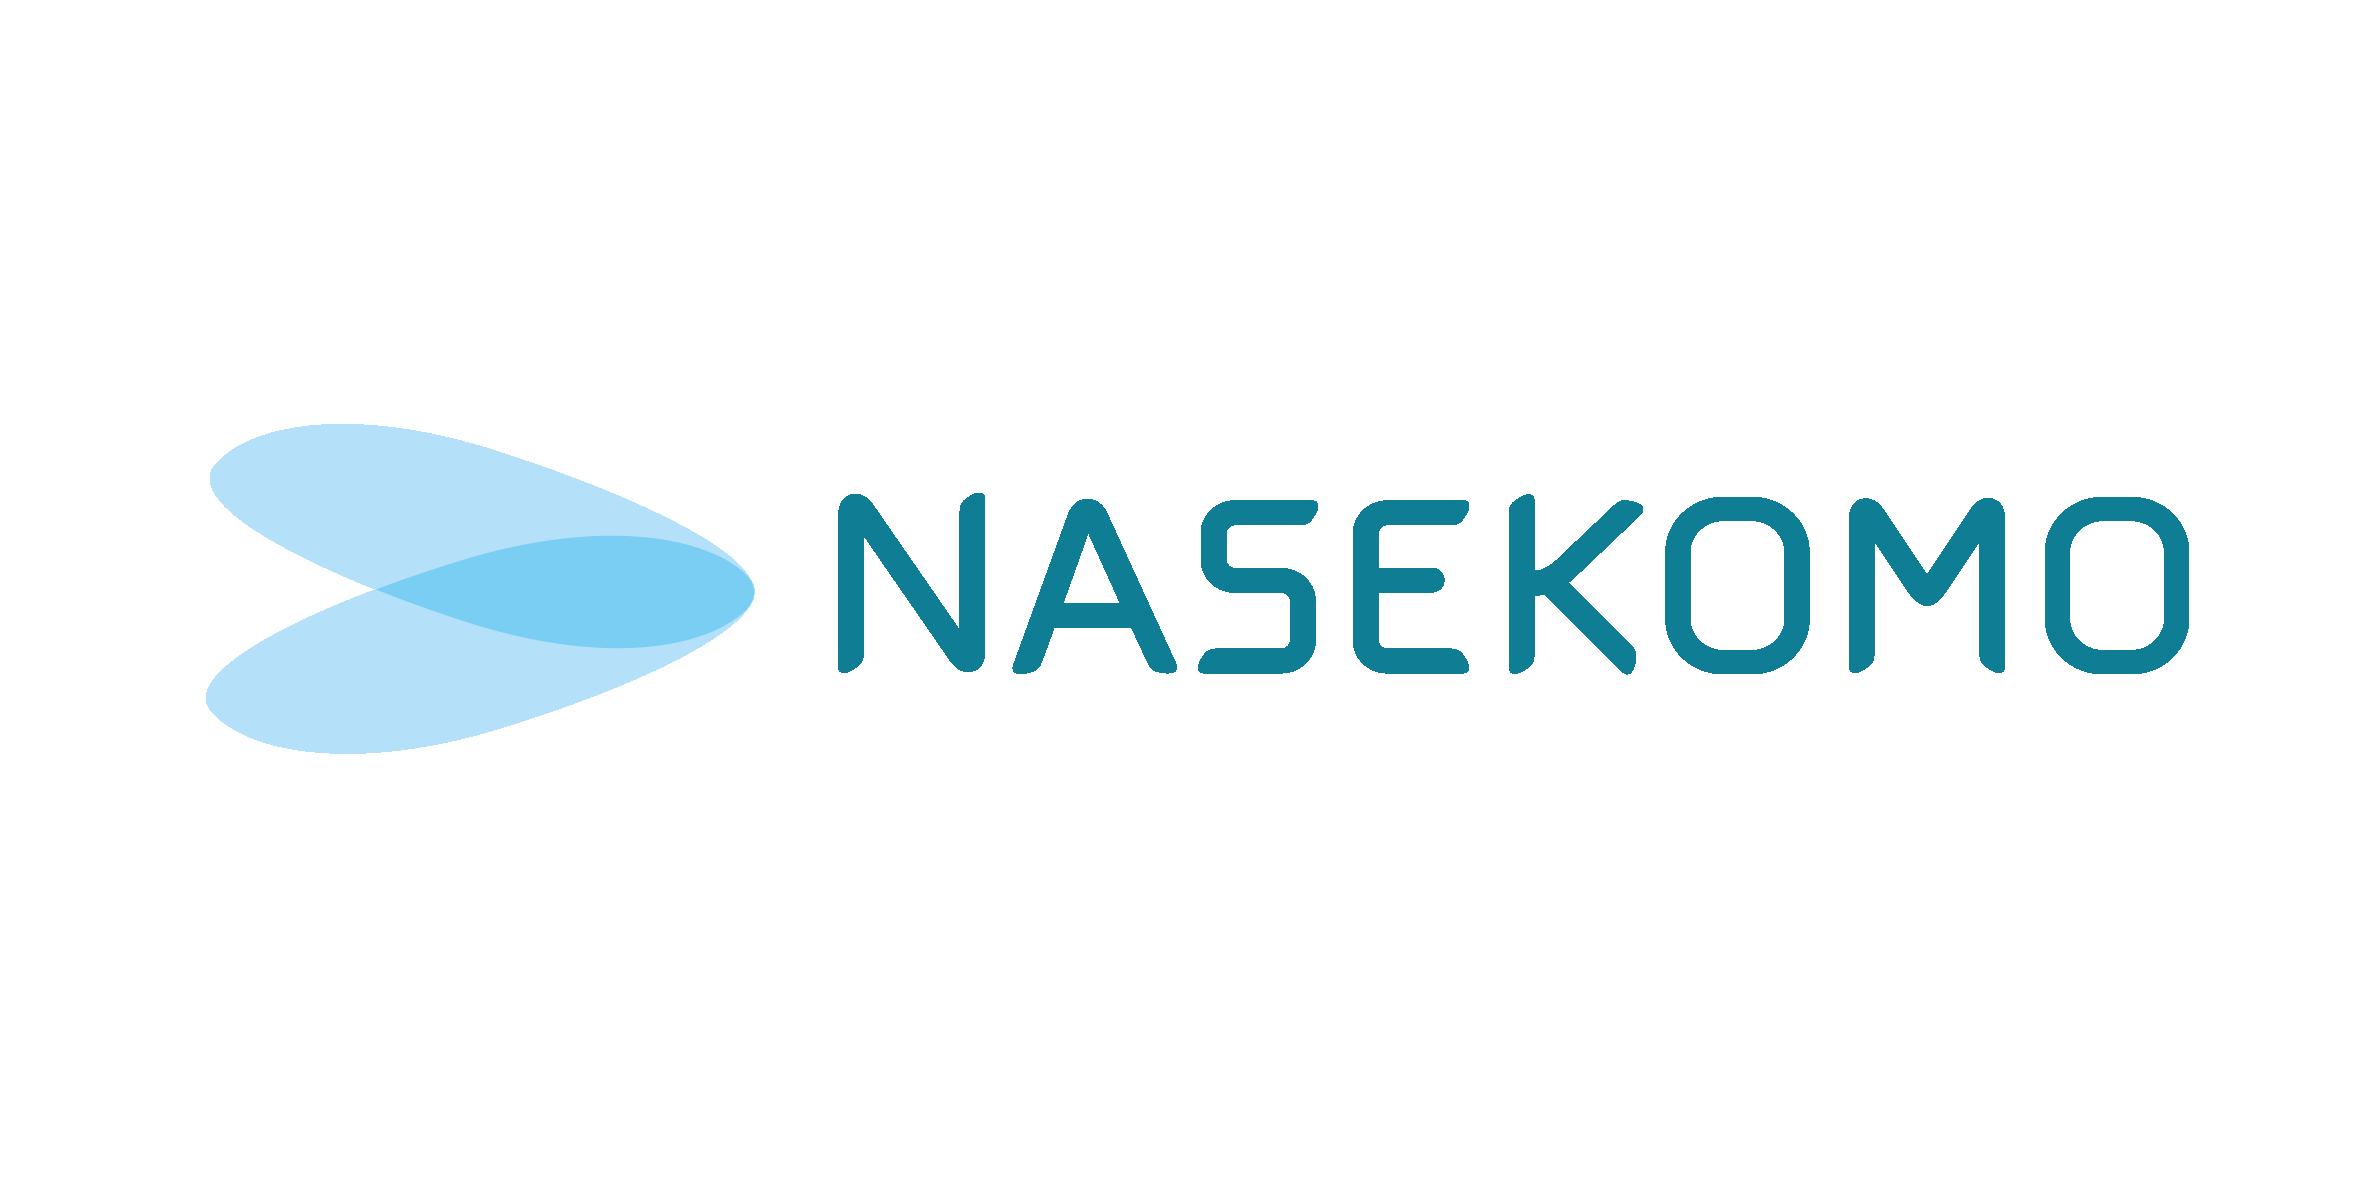 Nasekomo